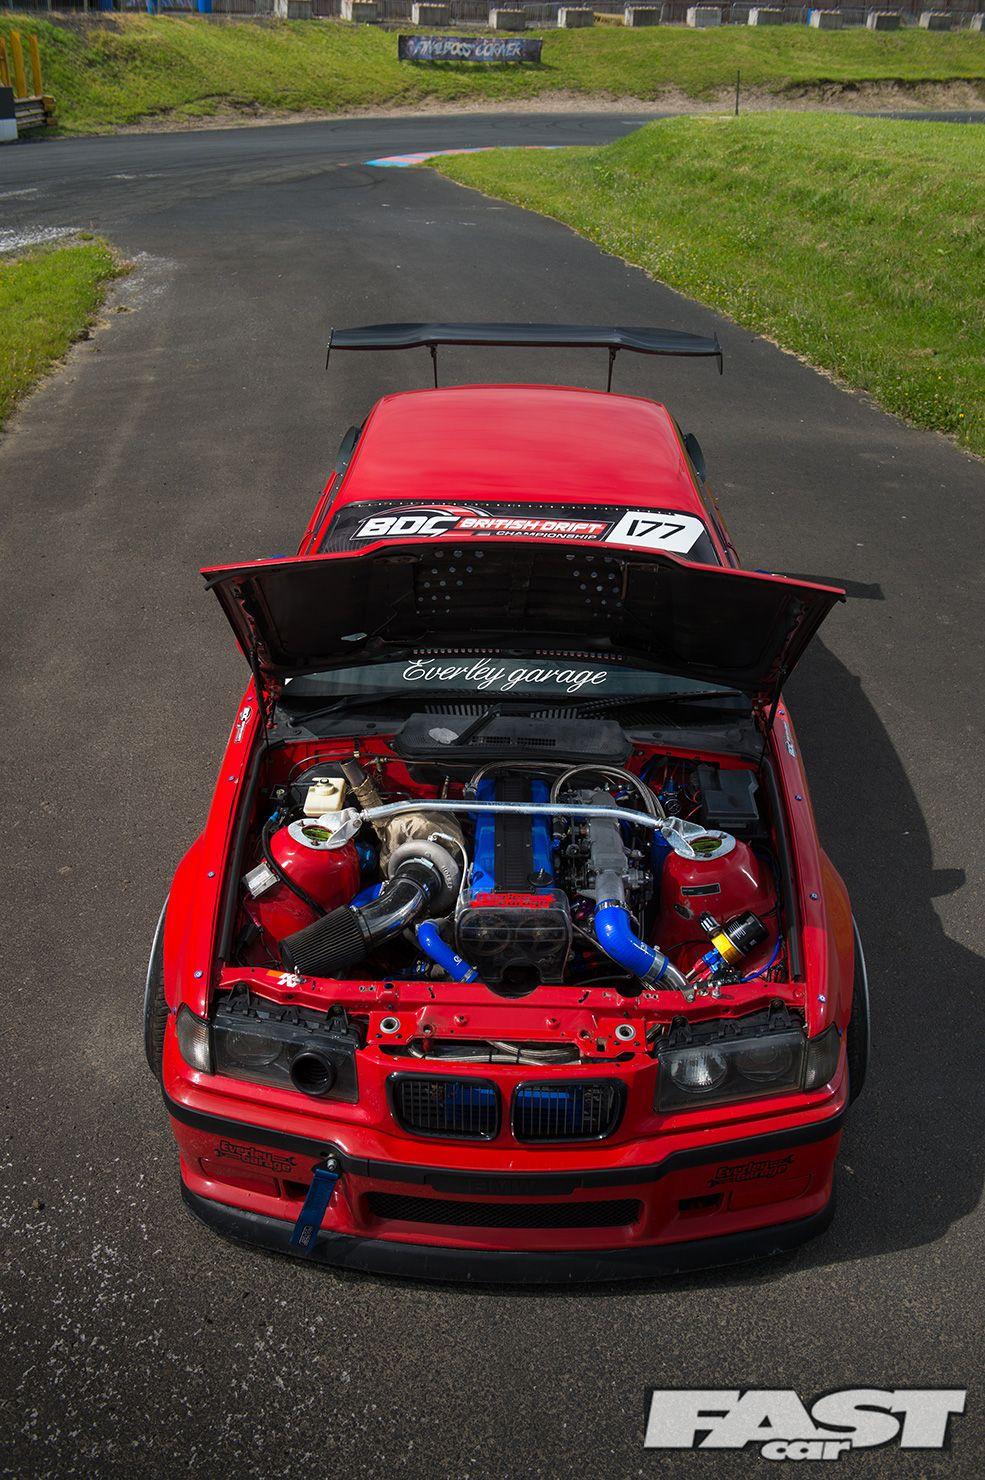 bmw e36 toyota jz bdc drift car [ 985 x 1480 Pixel ]